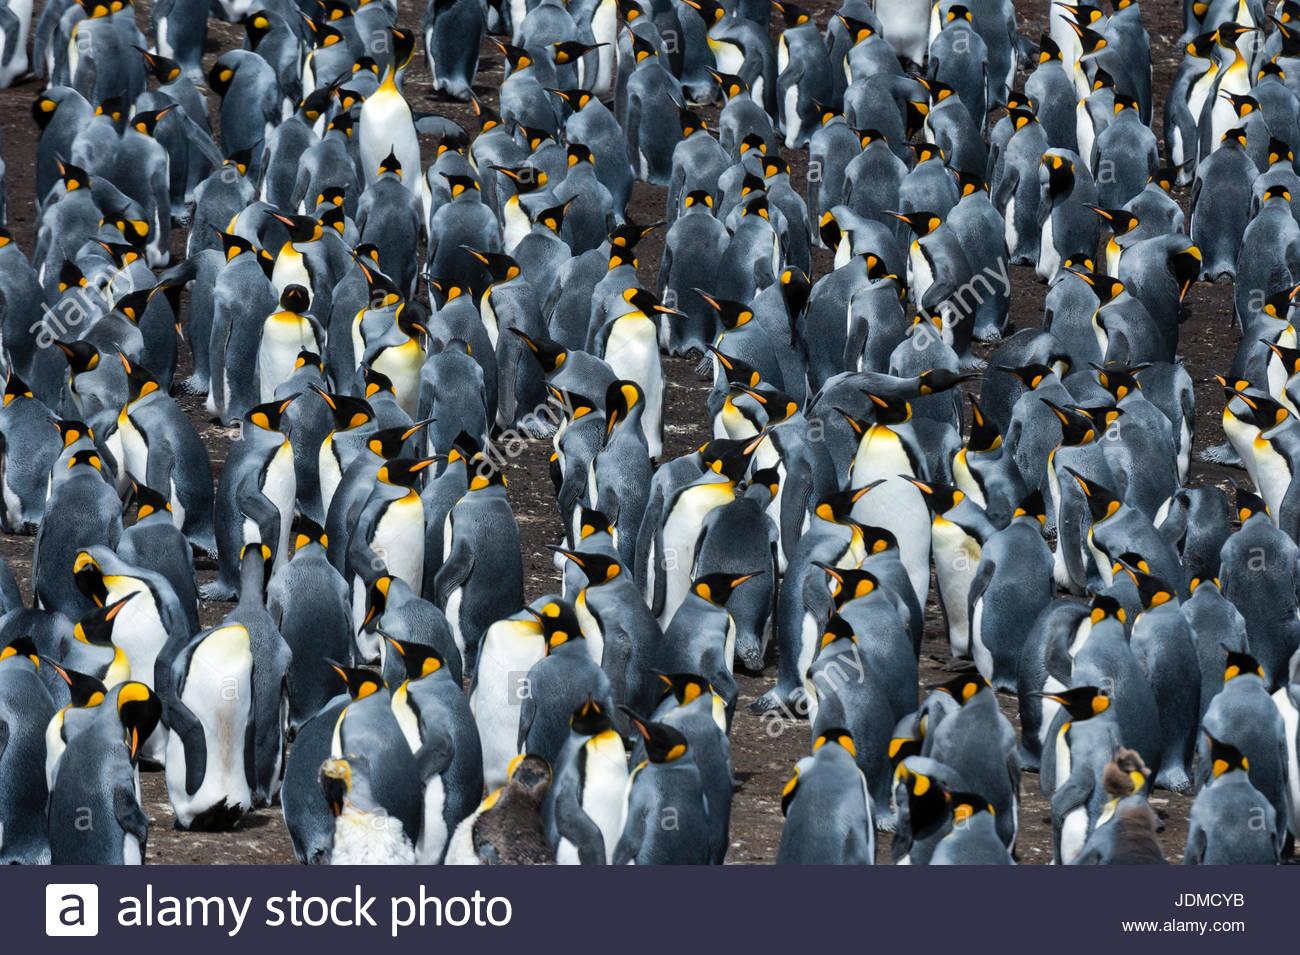 Una colonia de pingüinos rey, Aptenodytes patagónica. Imagen De Stock